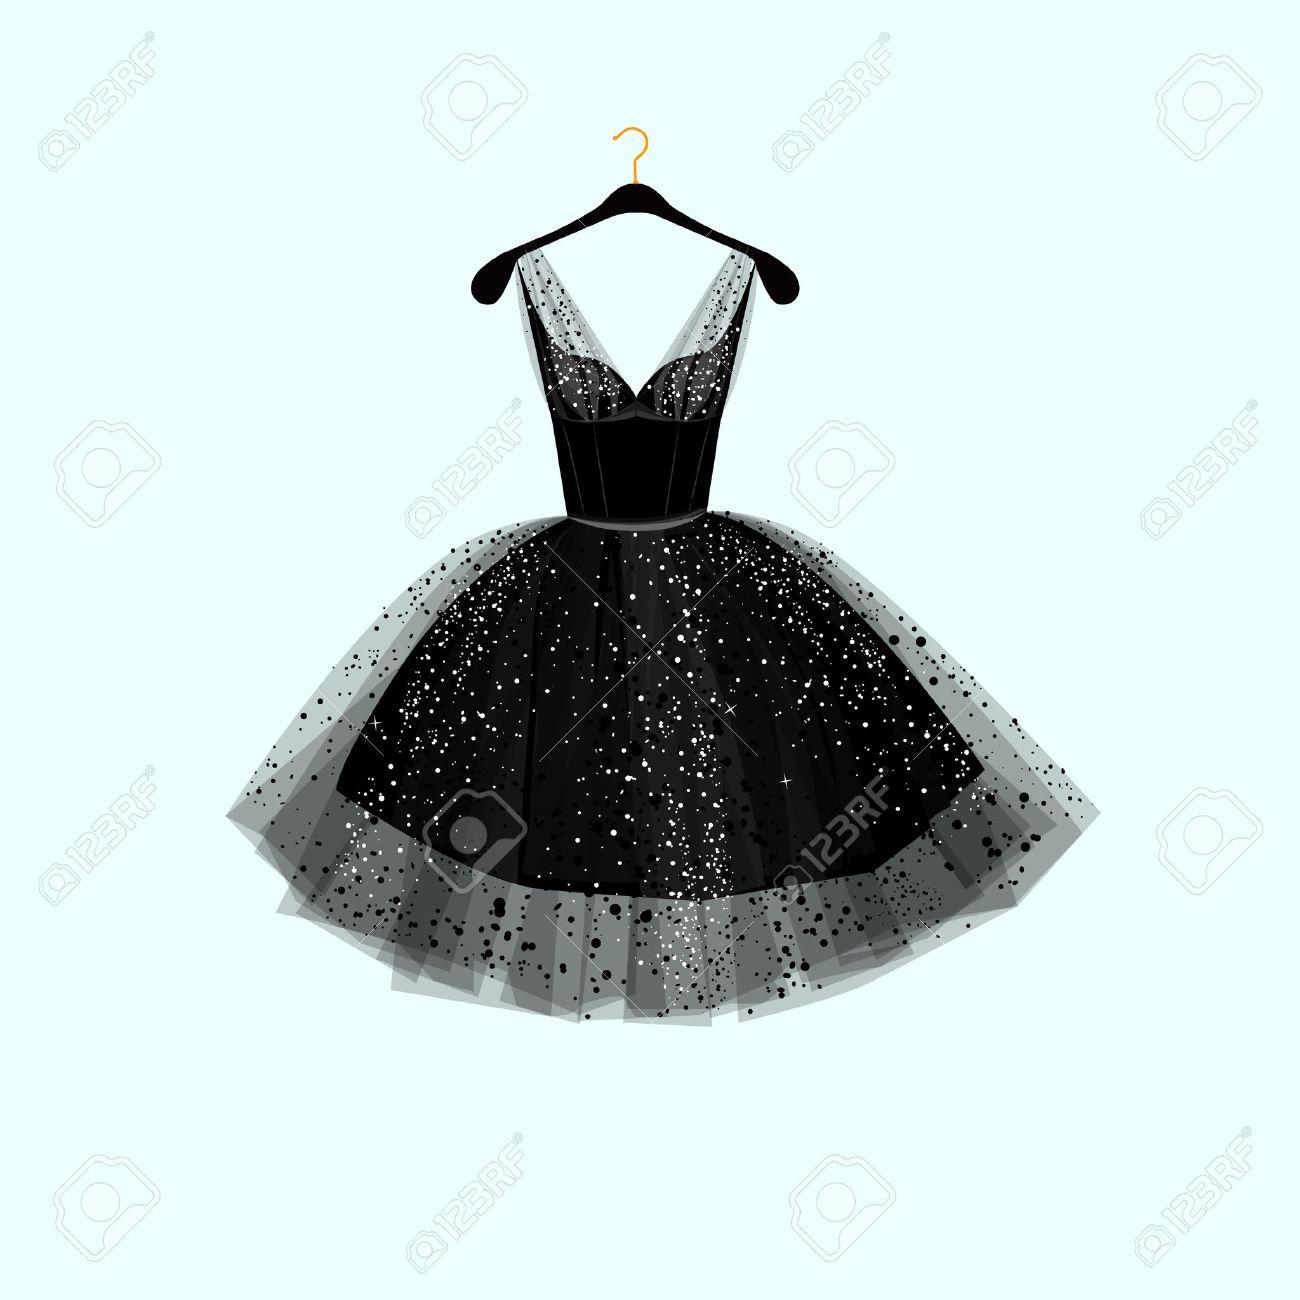 Little black dress. Vector illustration - 53118365